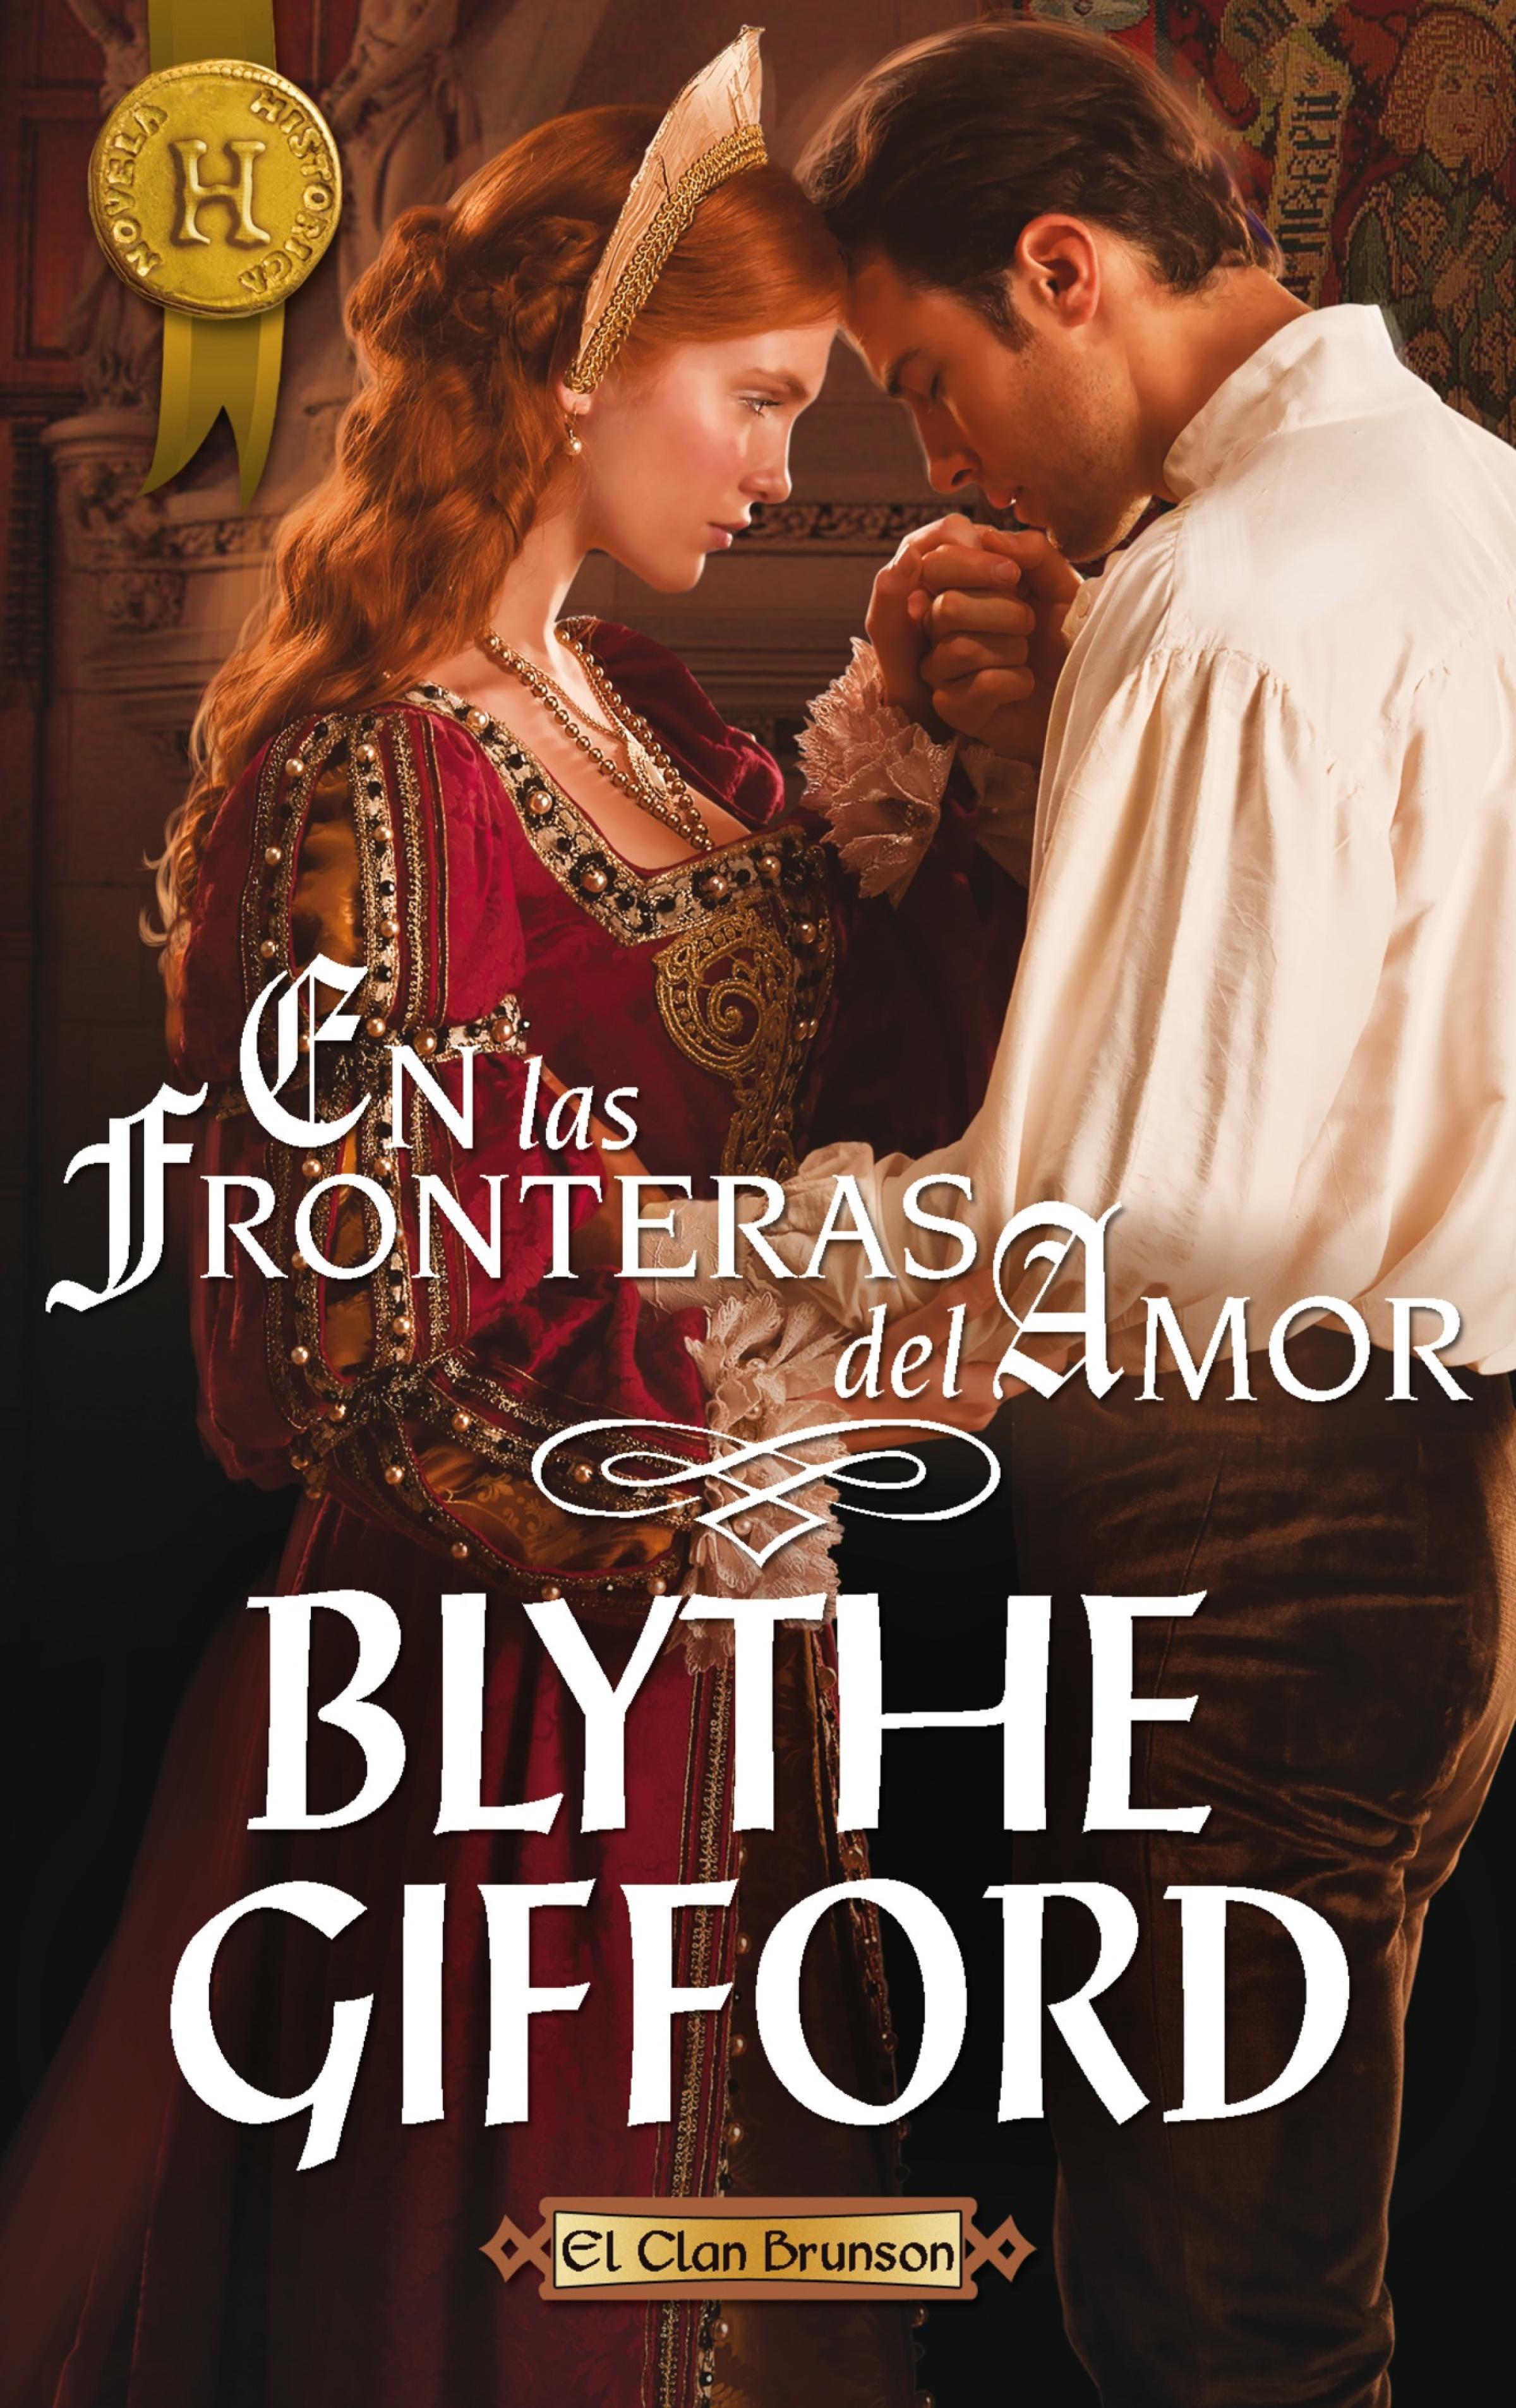 Blythe Gifford En las fronteras del amor